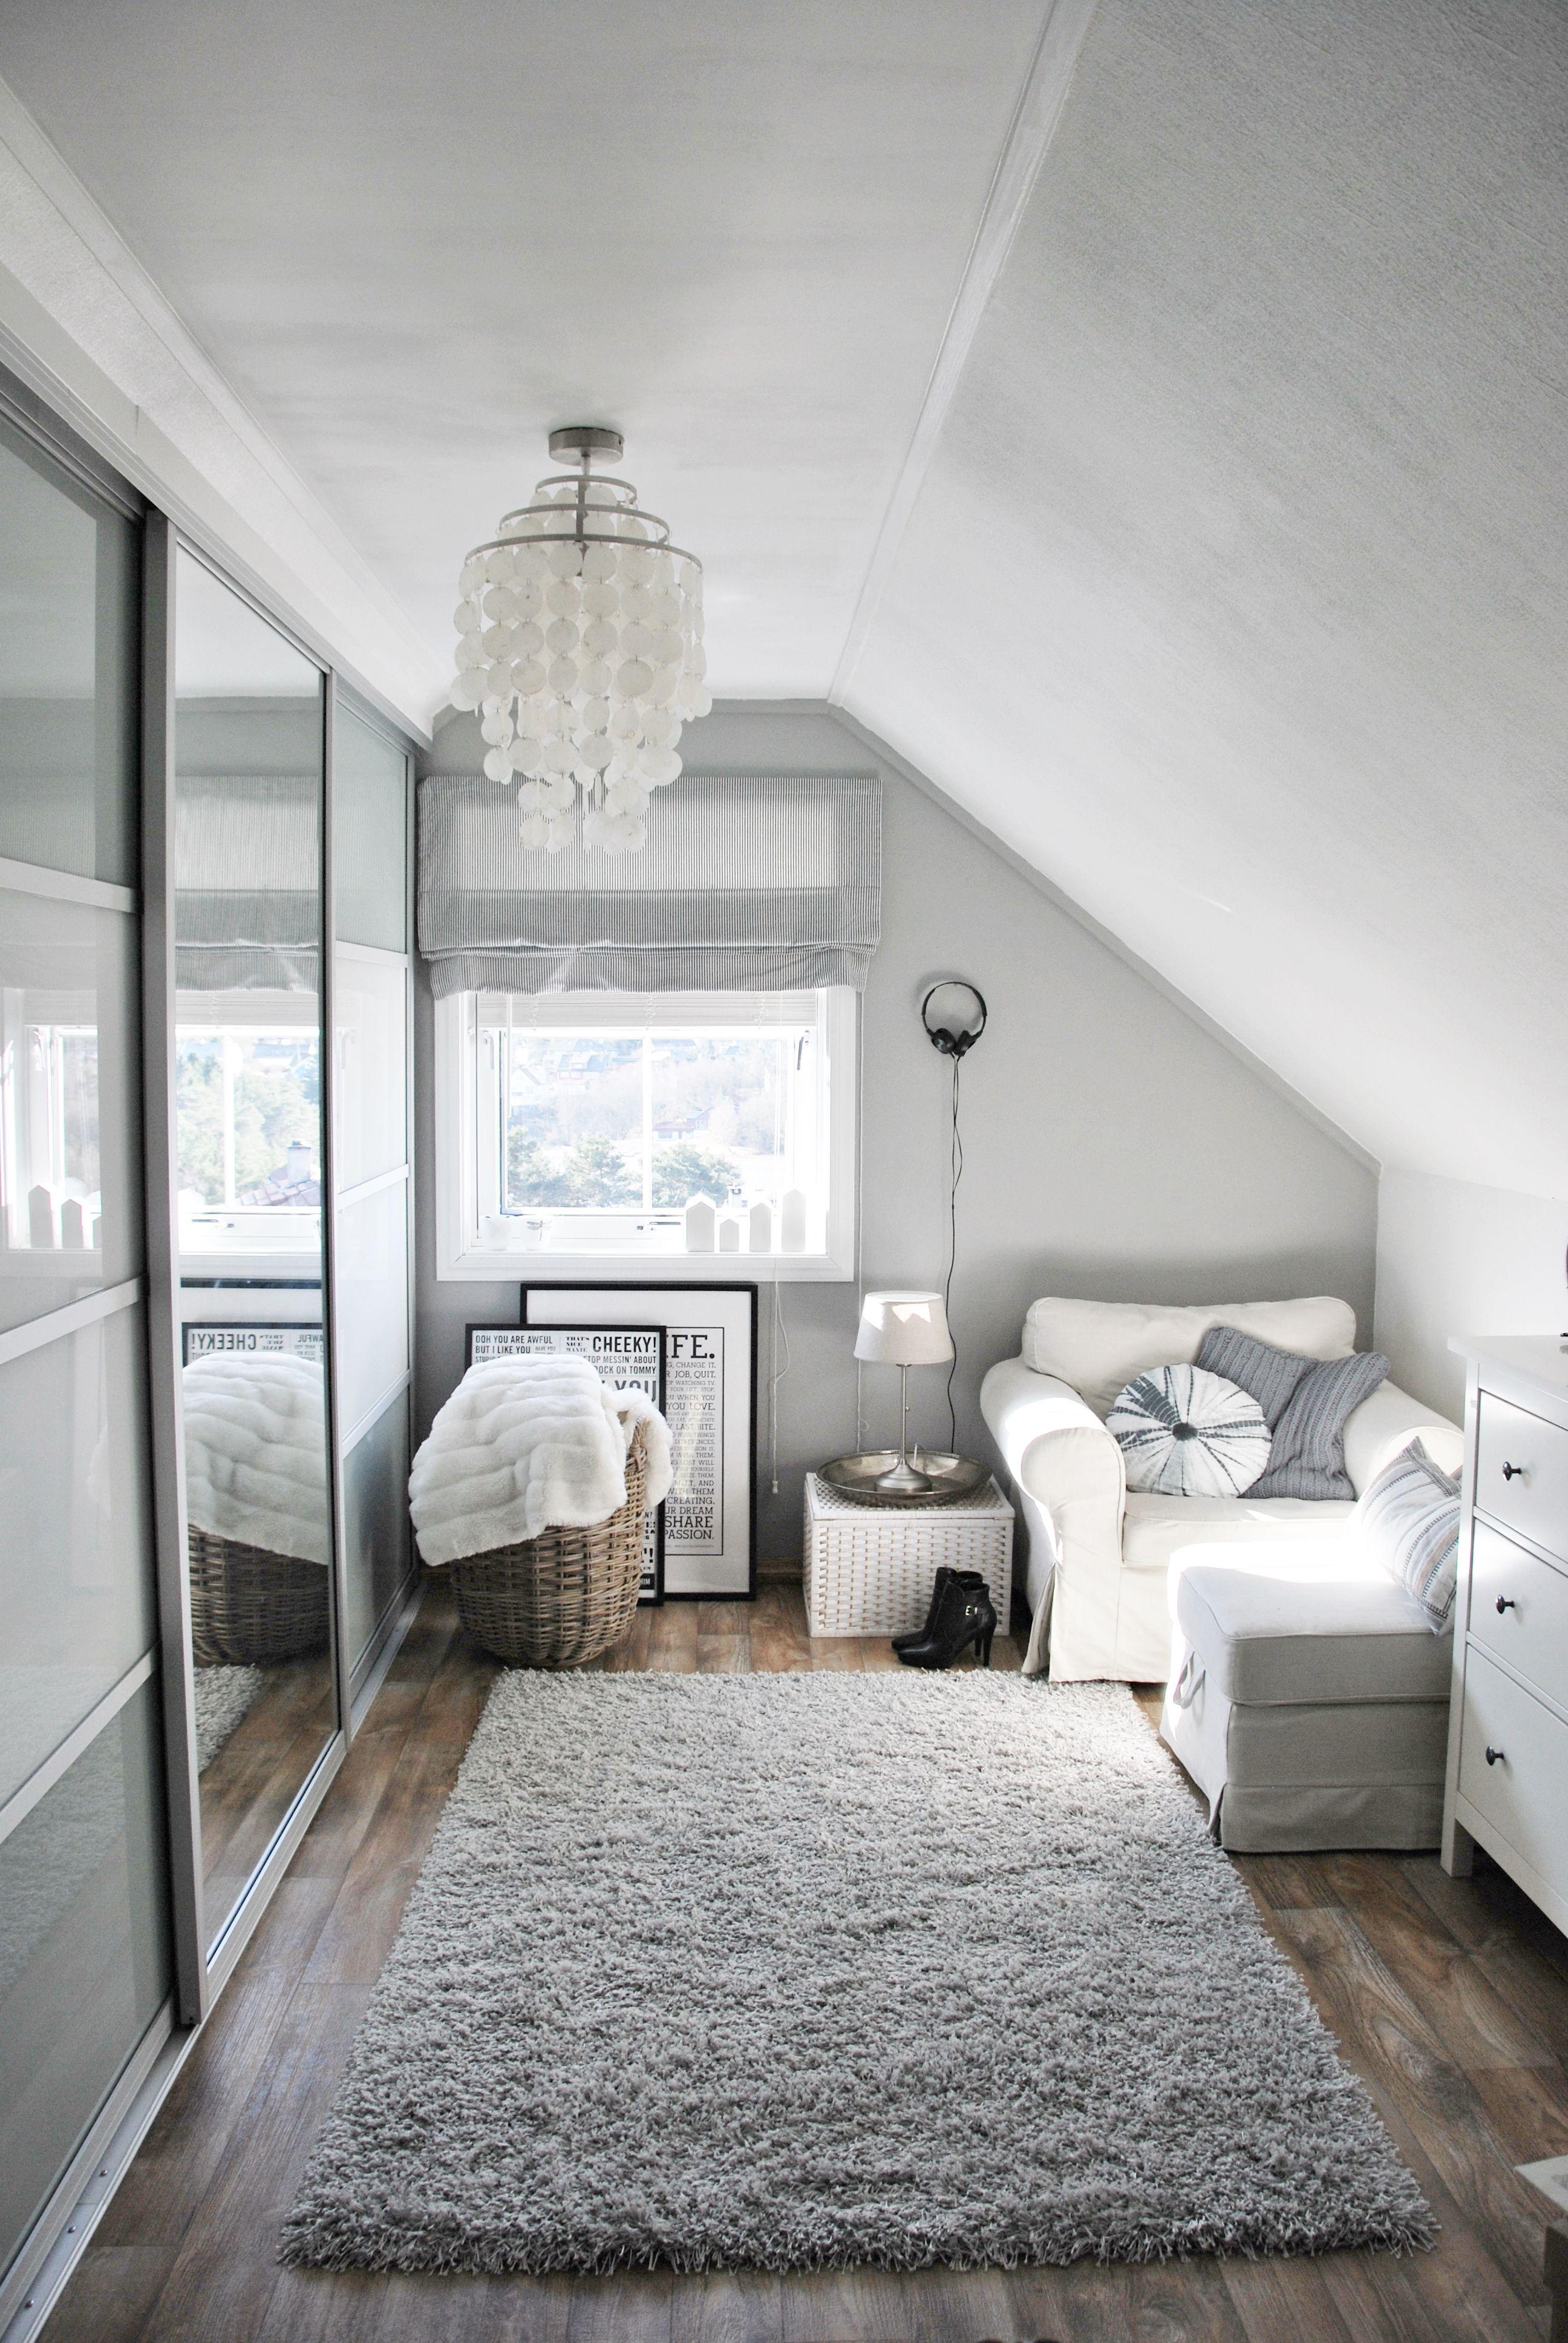 Astounding Schlafzimmer Mit Ankleidezimmer Referenz Von